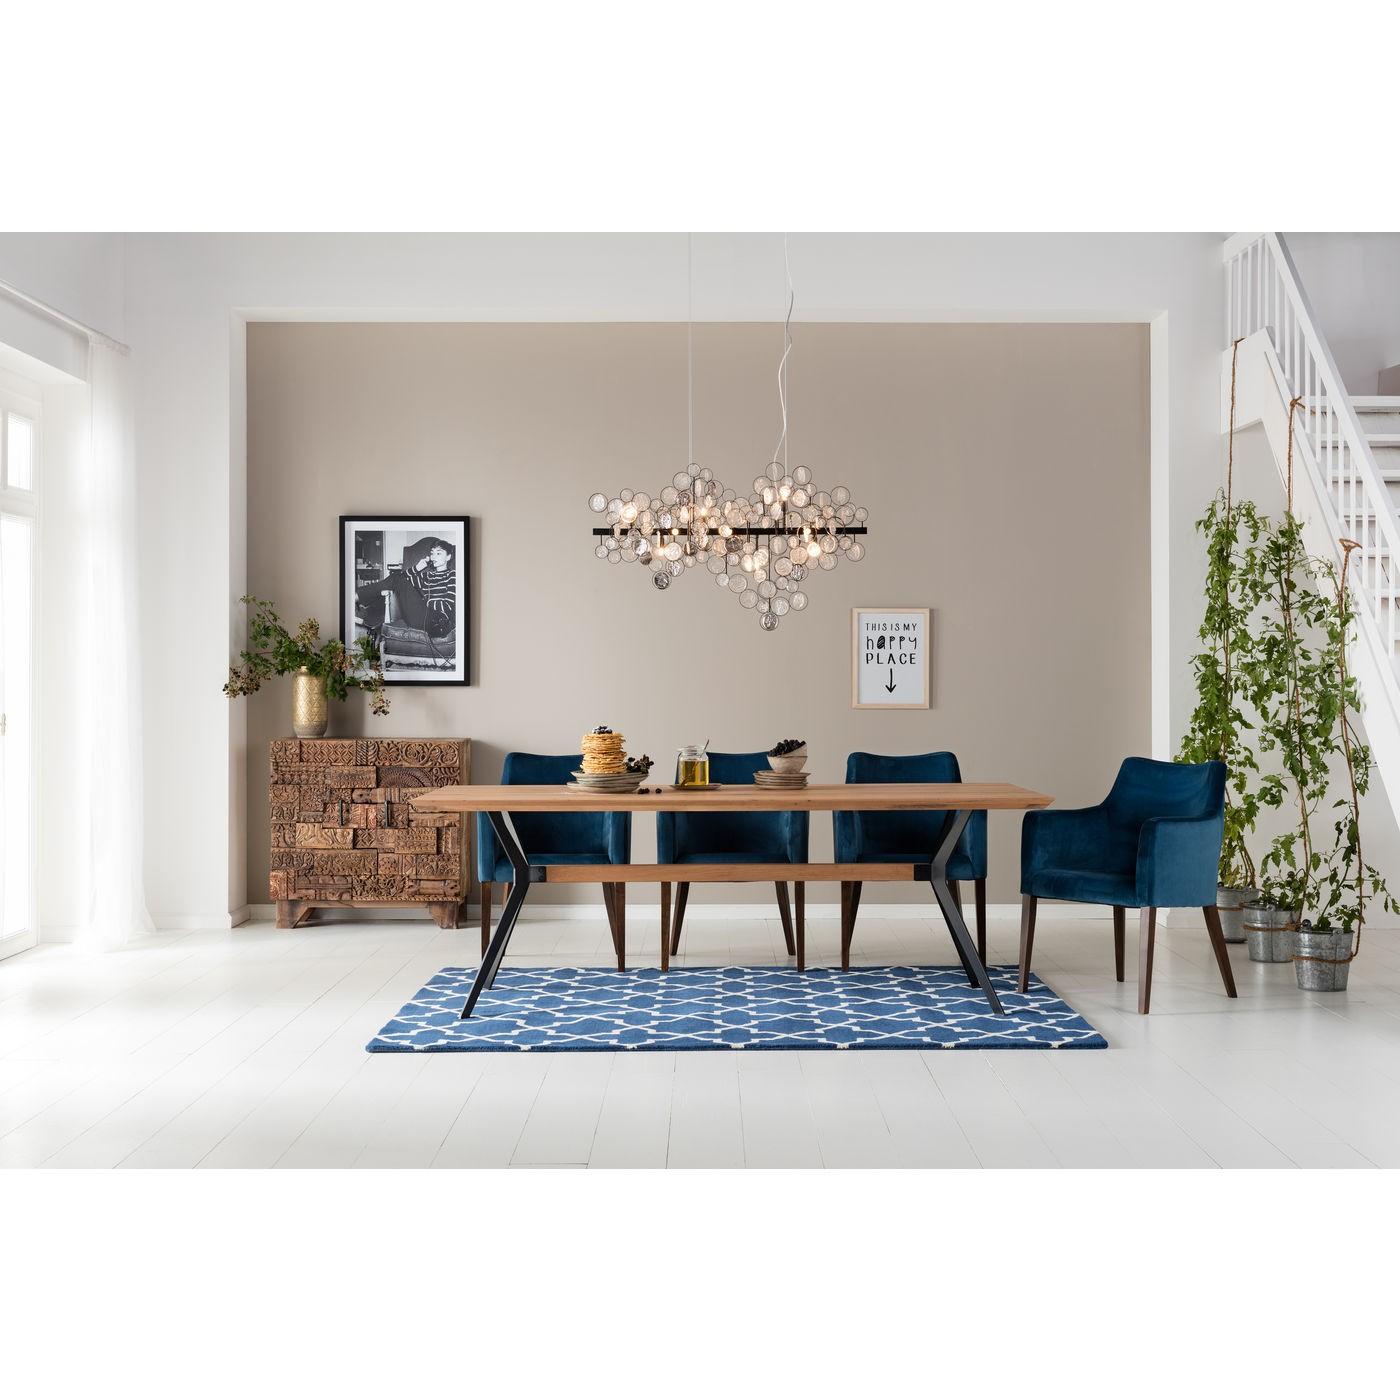 Chaise avec accoudoirs en velours bleu pétrole et hêtre laqué